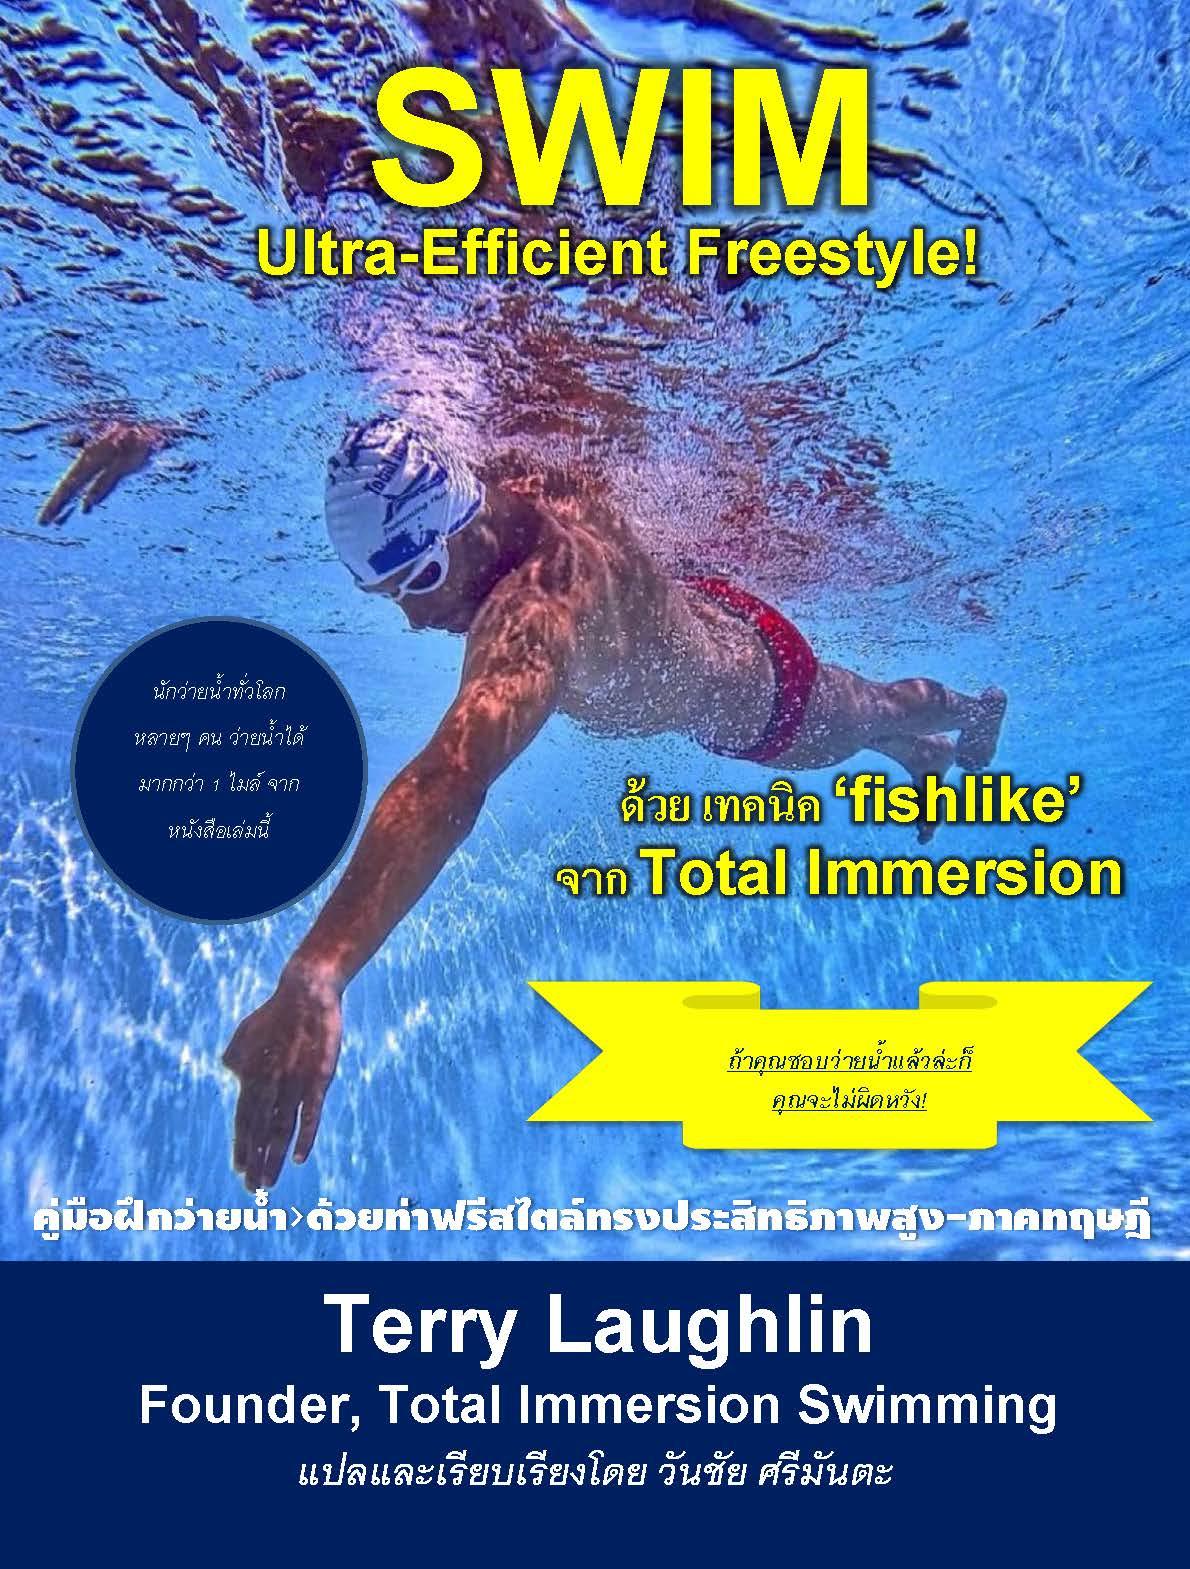 ฝึกว่ายน้ำง่ายๆ ด้วยตัวเอง ซี่รีส์ 1.0 ของ TI